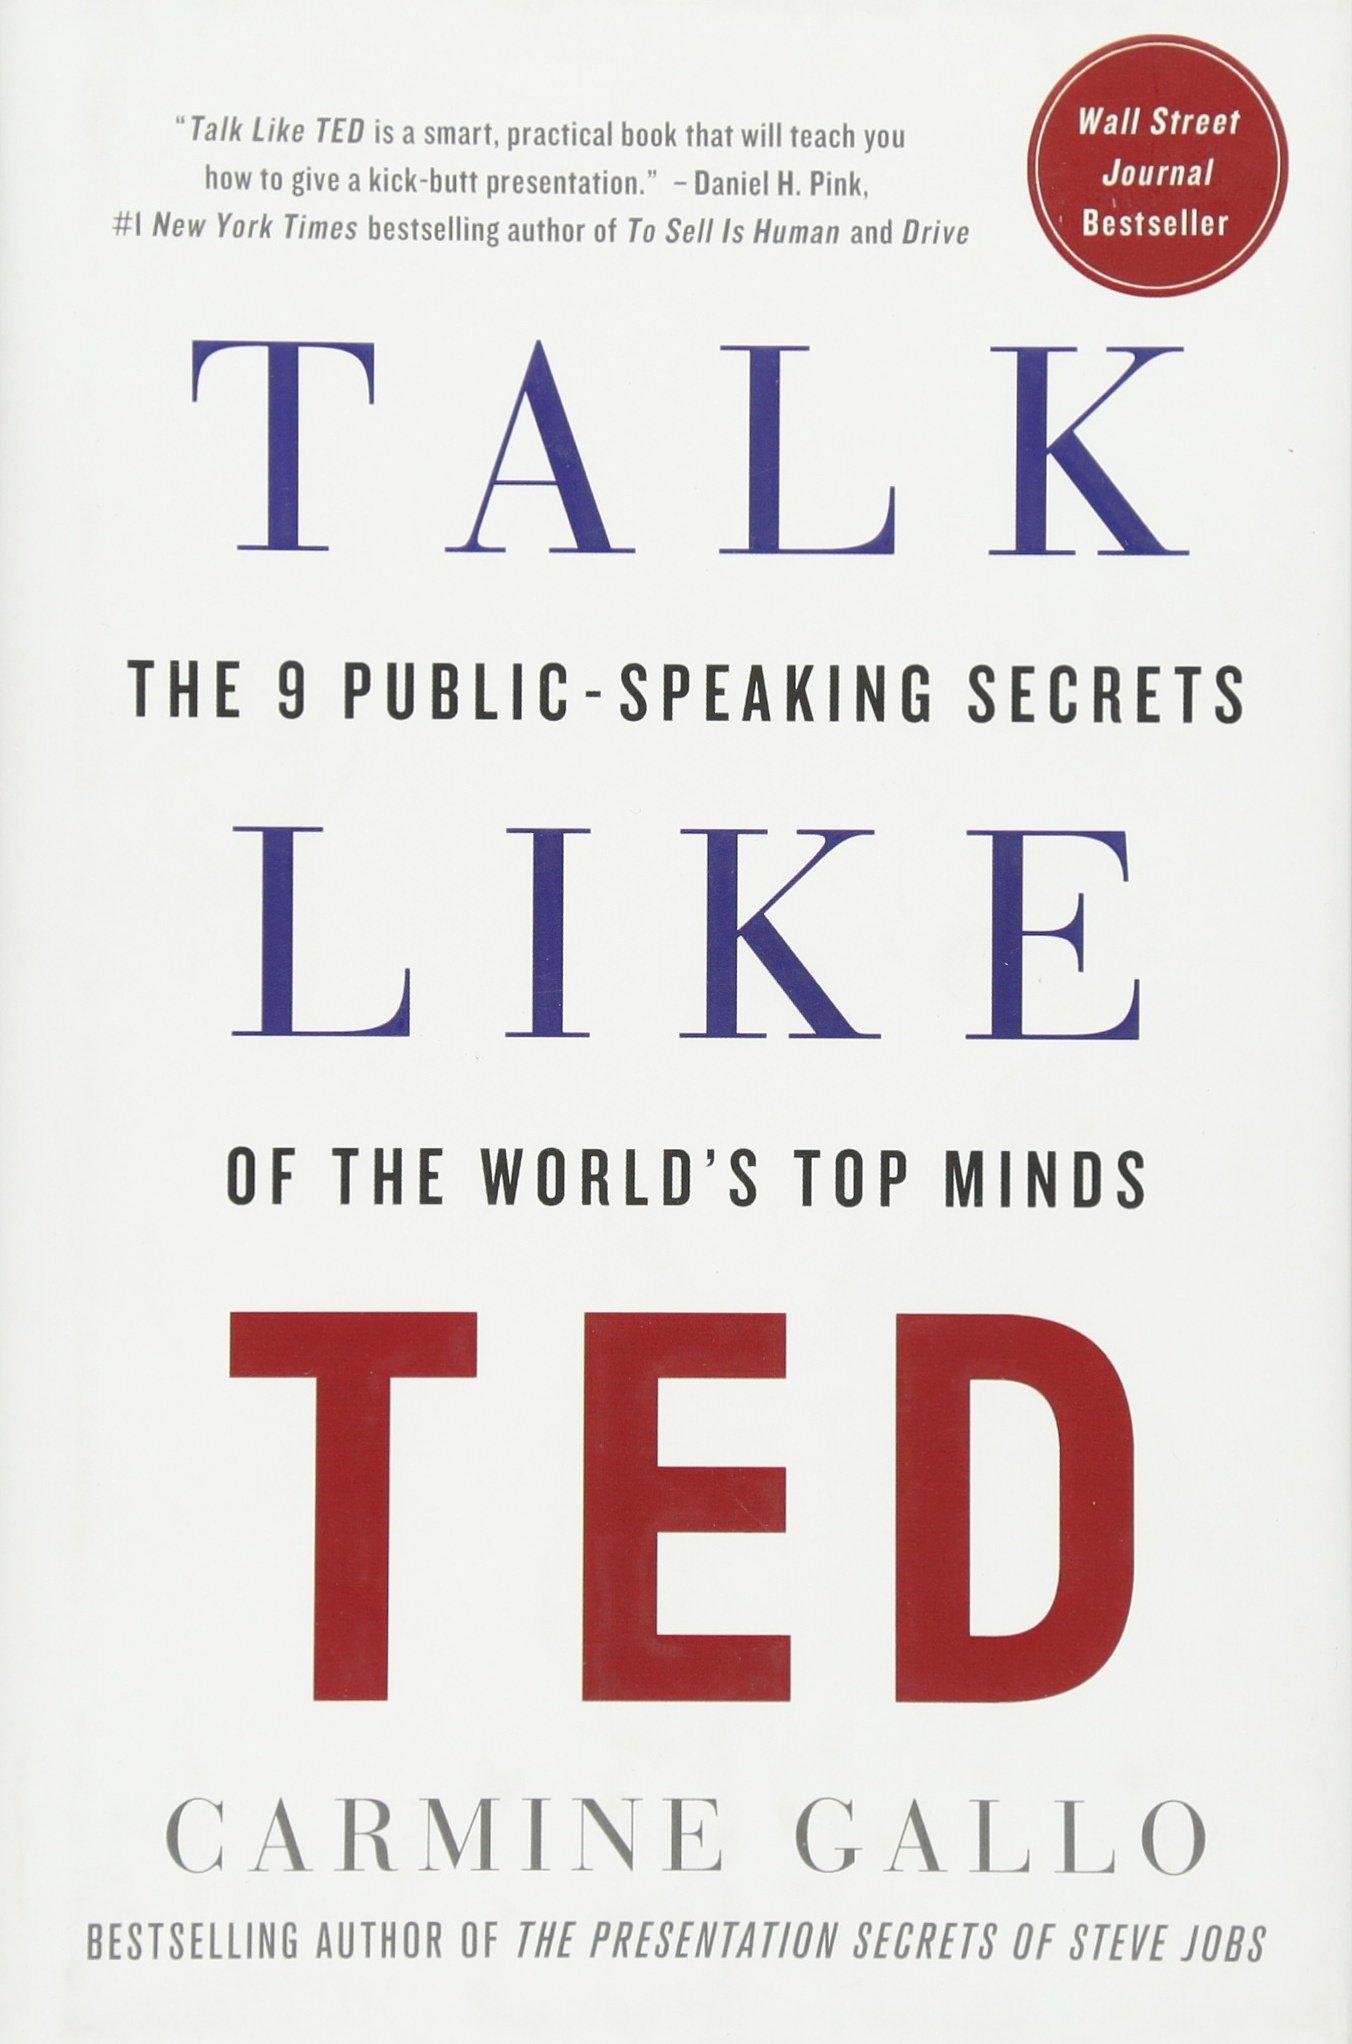 talk-like-ted-carmine-gallo-gregs-reading-list-realeflow.jpg